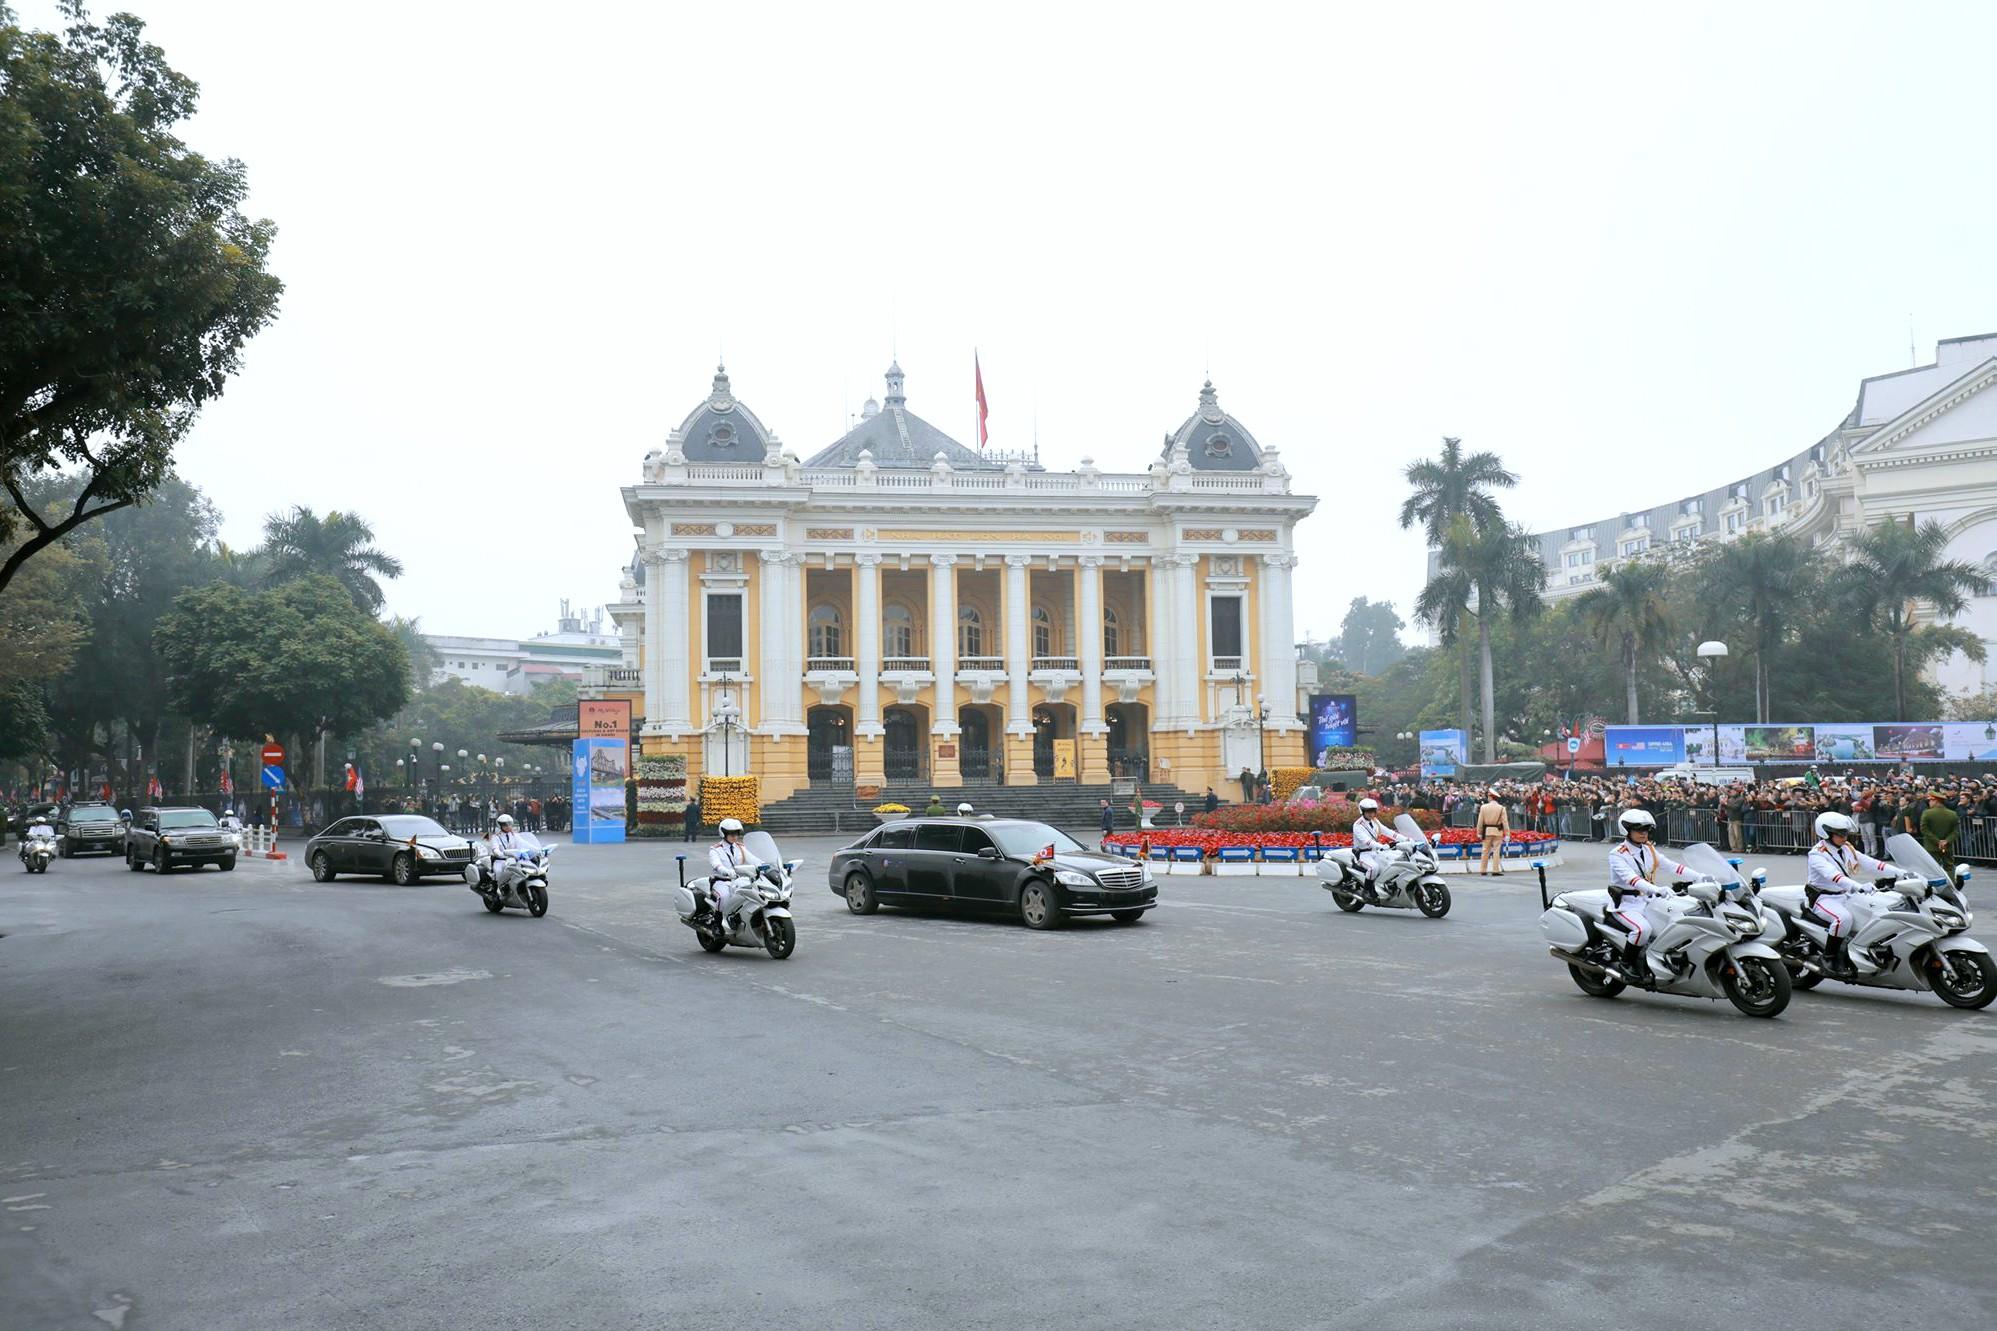 [PHOTO ESSAY] Những khoảnh khắc lịch sử trong chuyến công du Việt Nam đầu tiên của Chủ tịch Kim Jong-un - Ảnh 13.